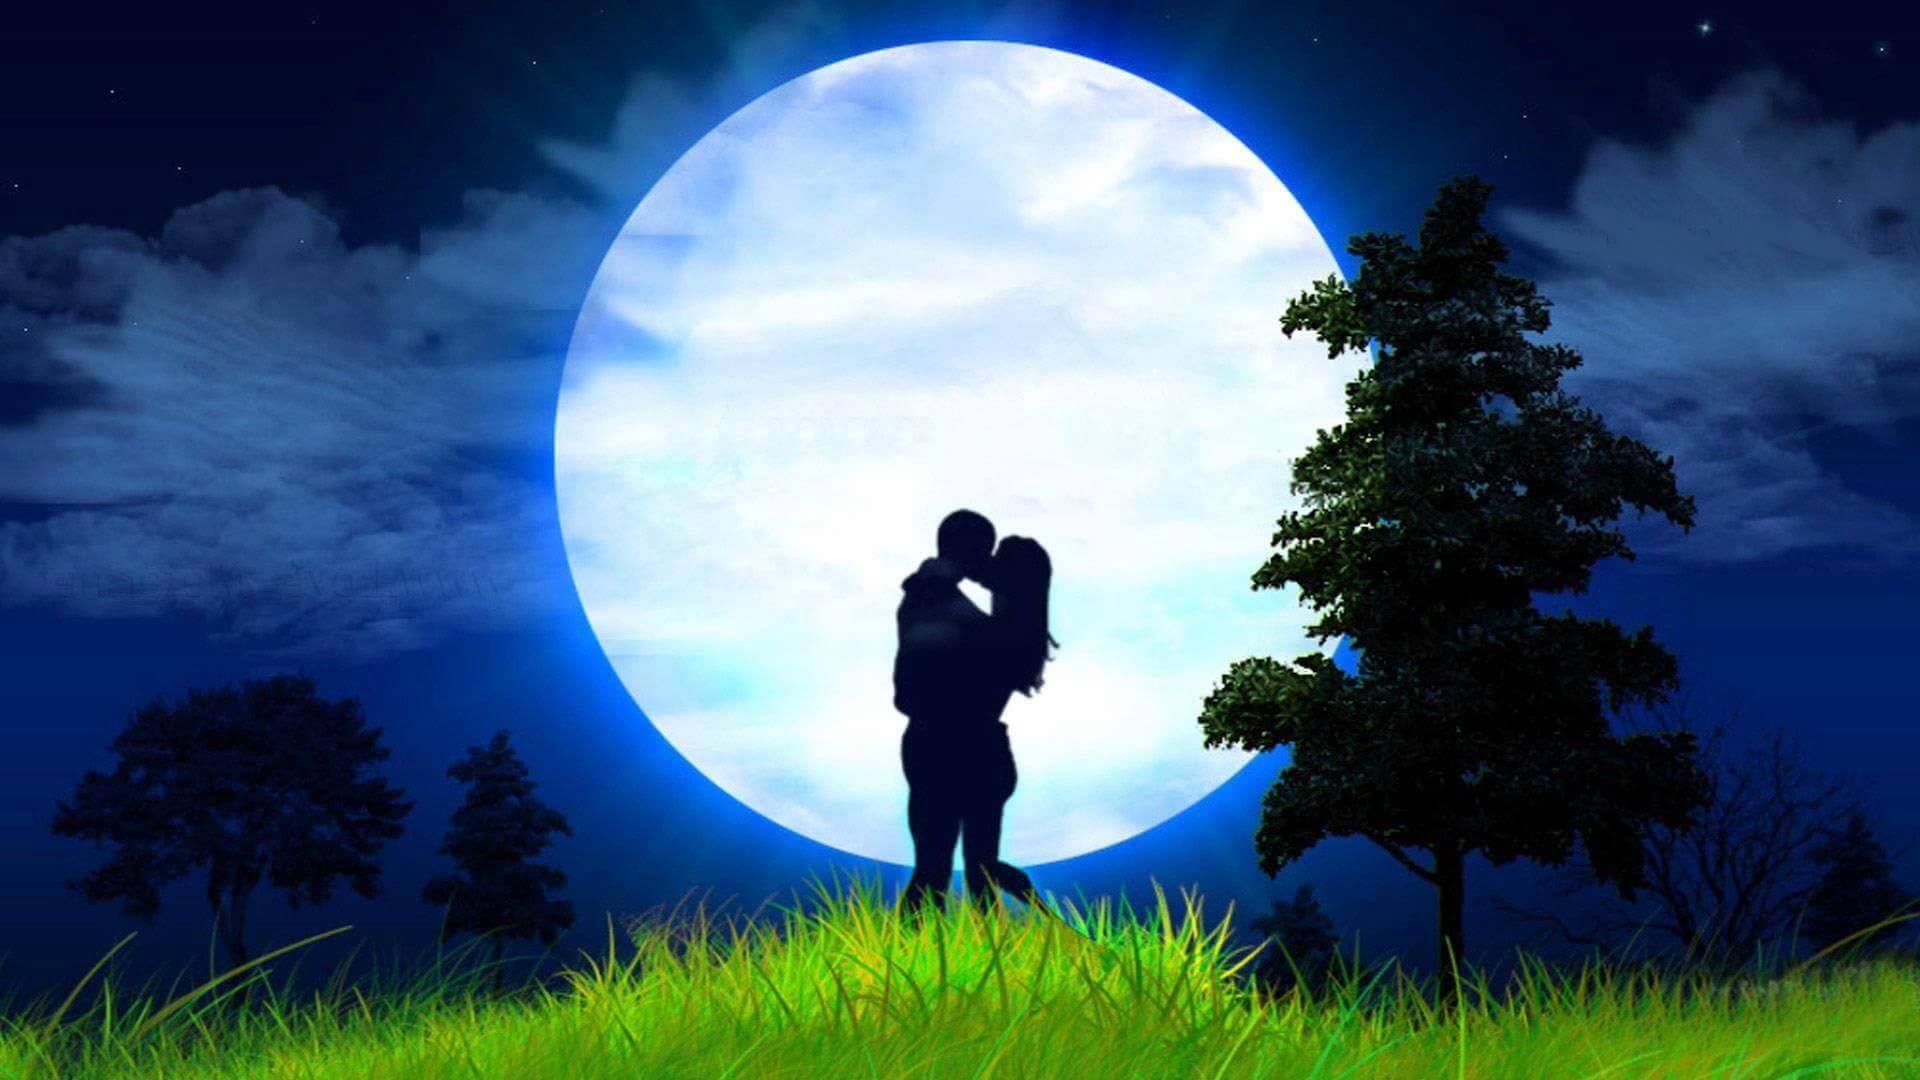 Луна любовь картинка